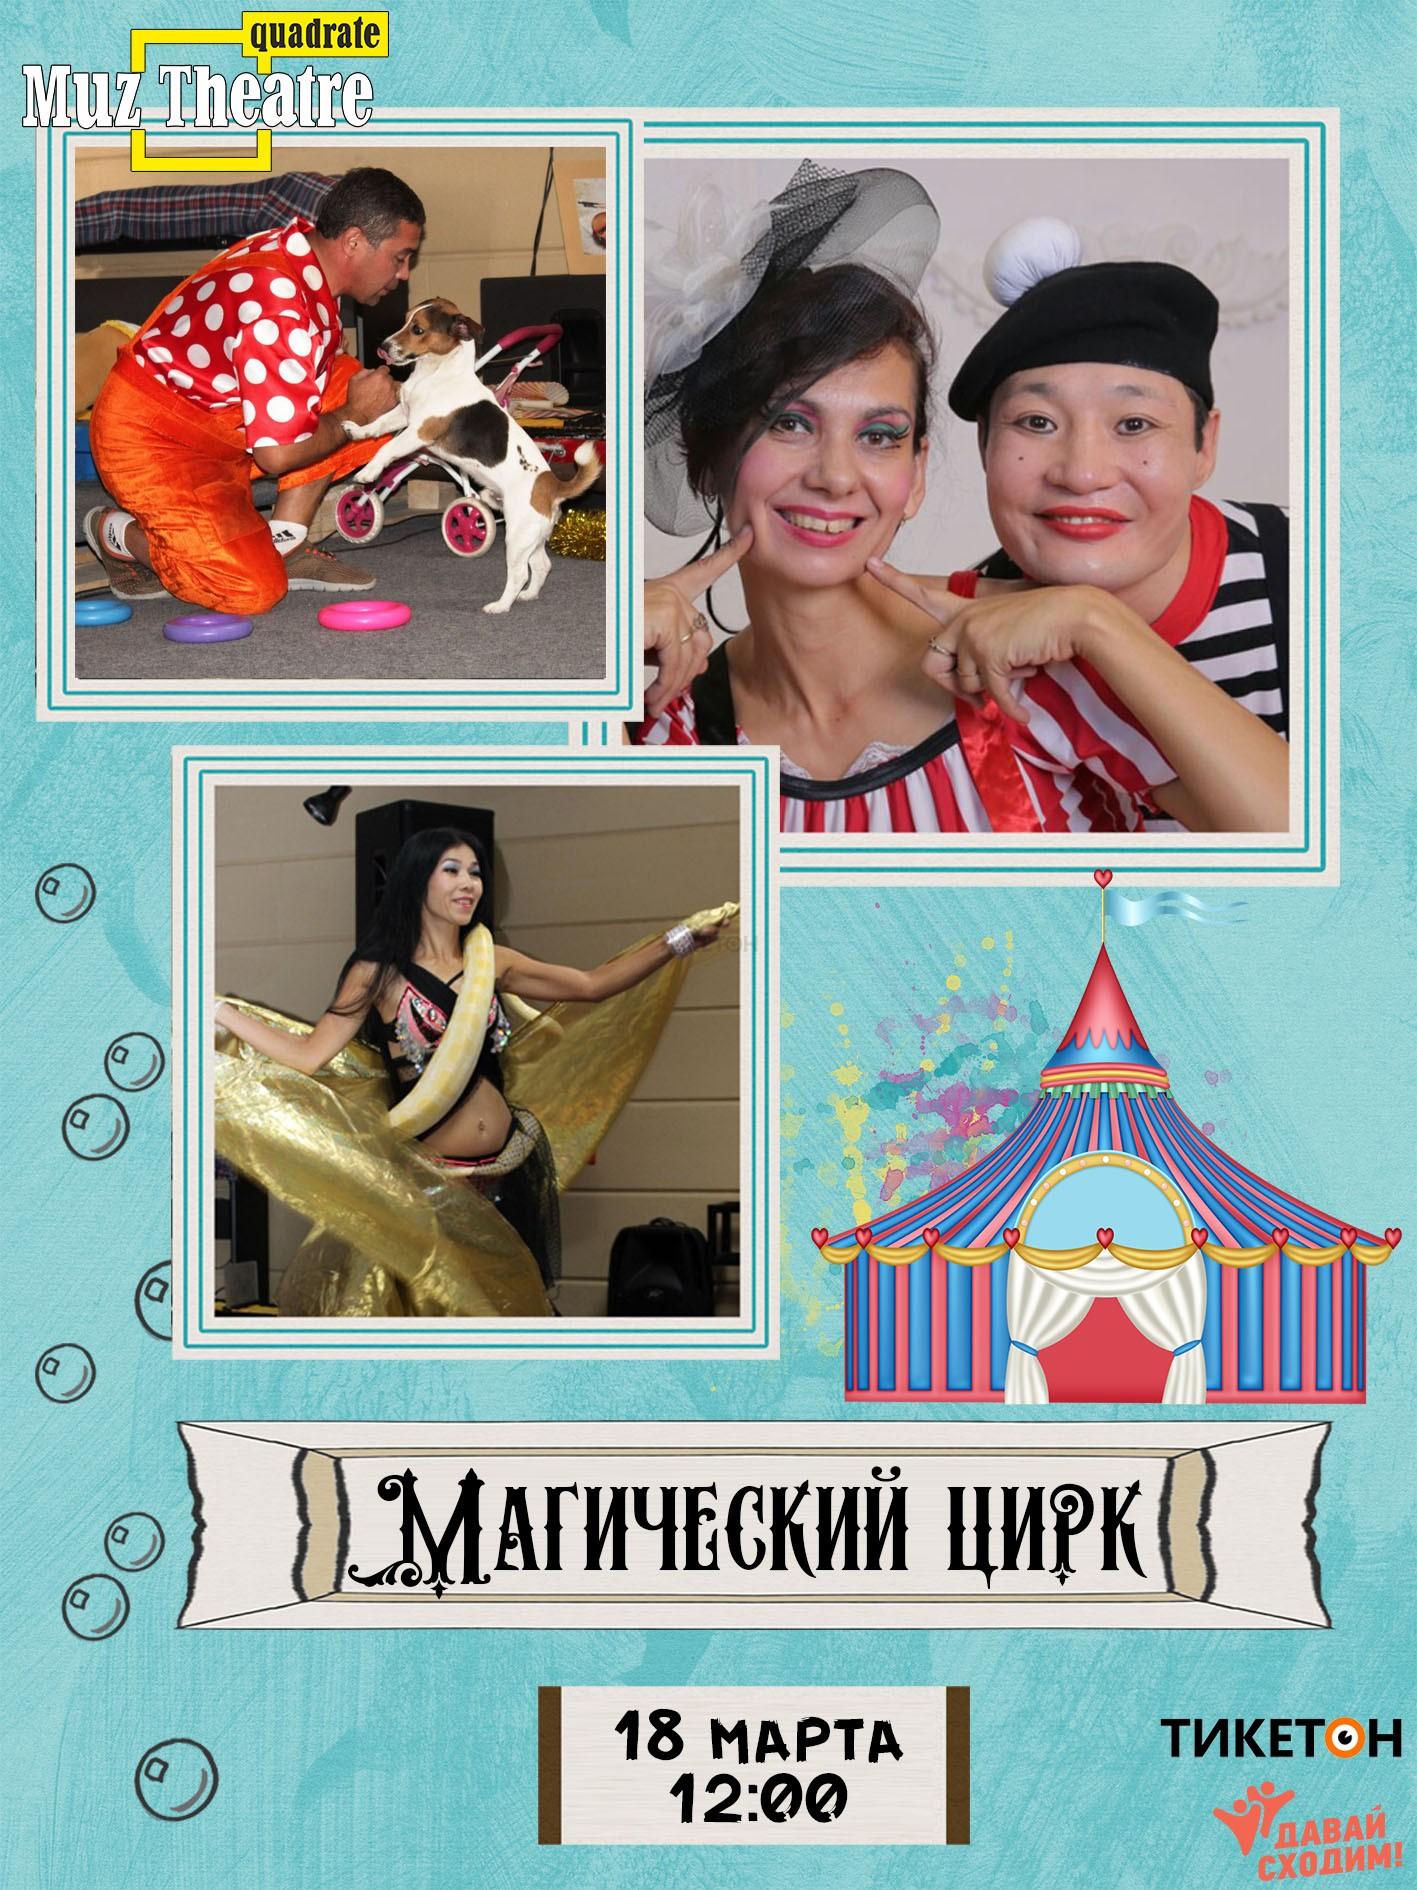 Магический цирк. 18 марта